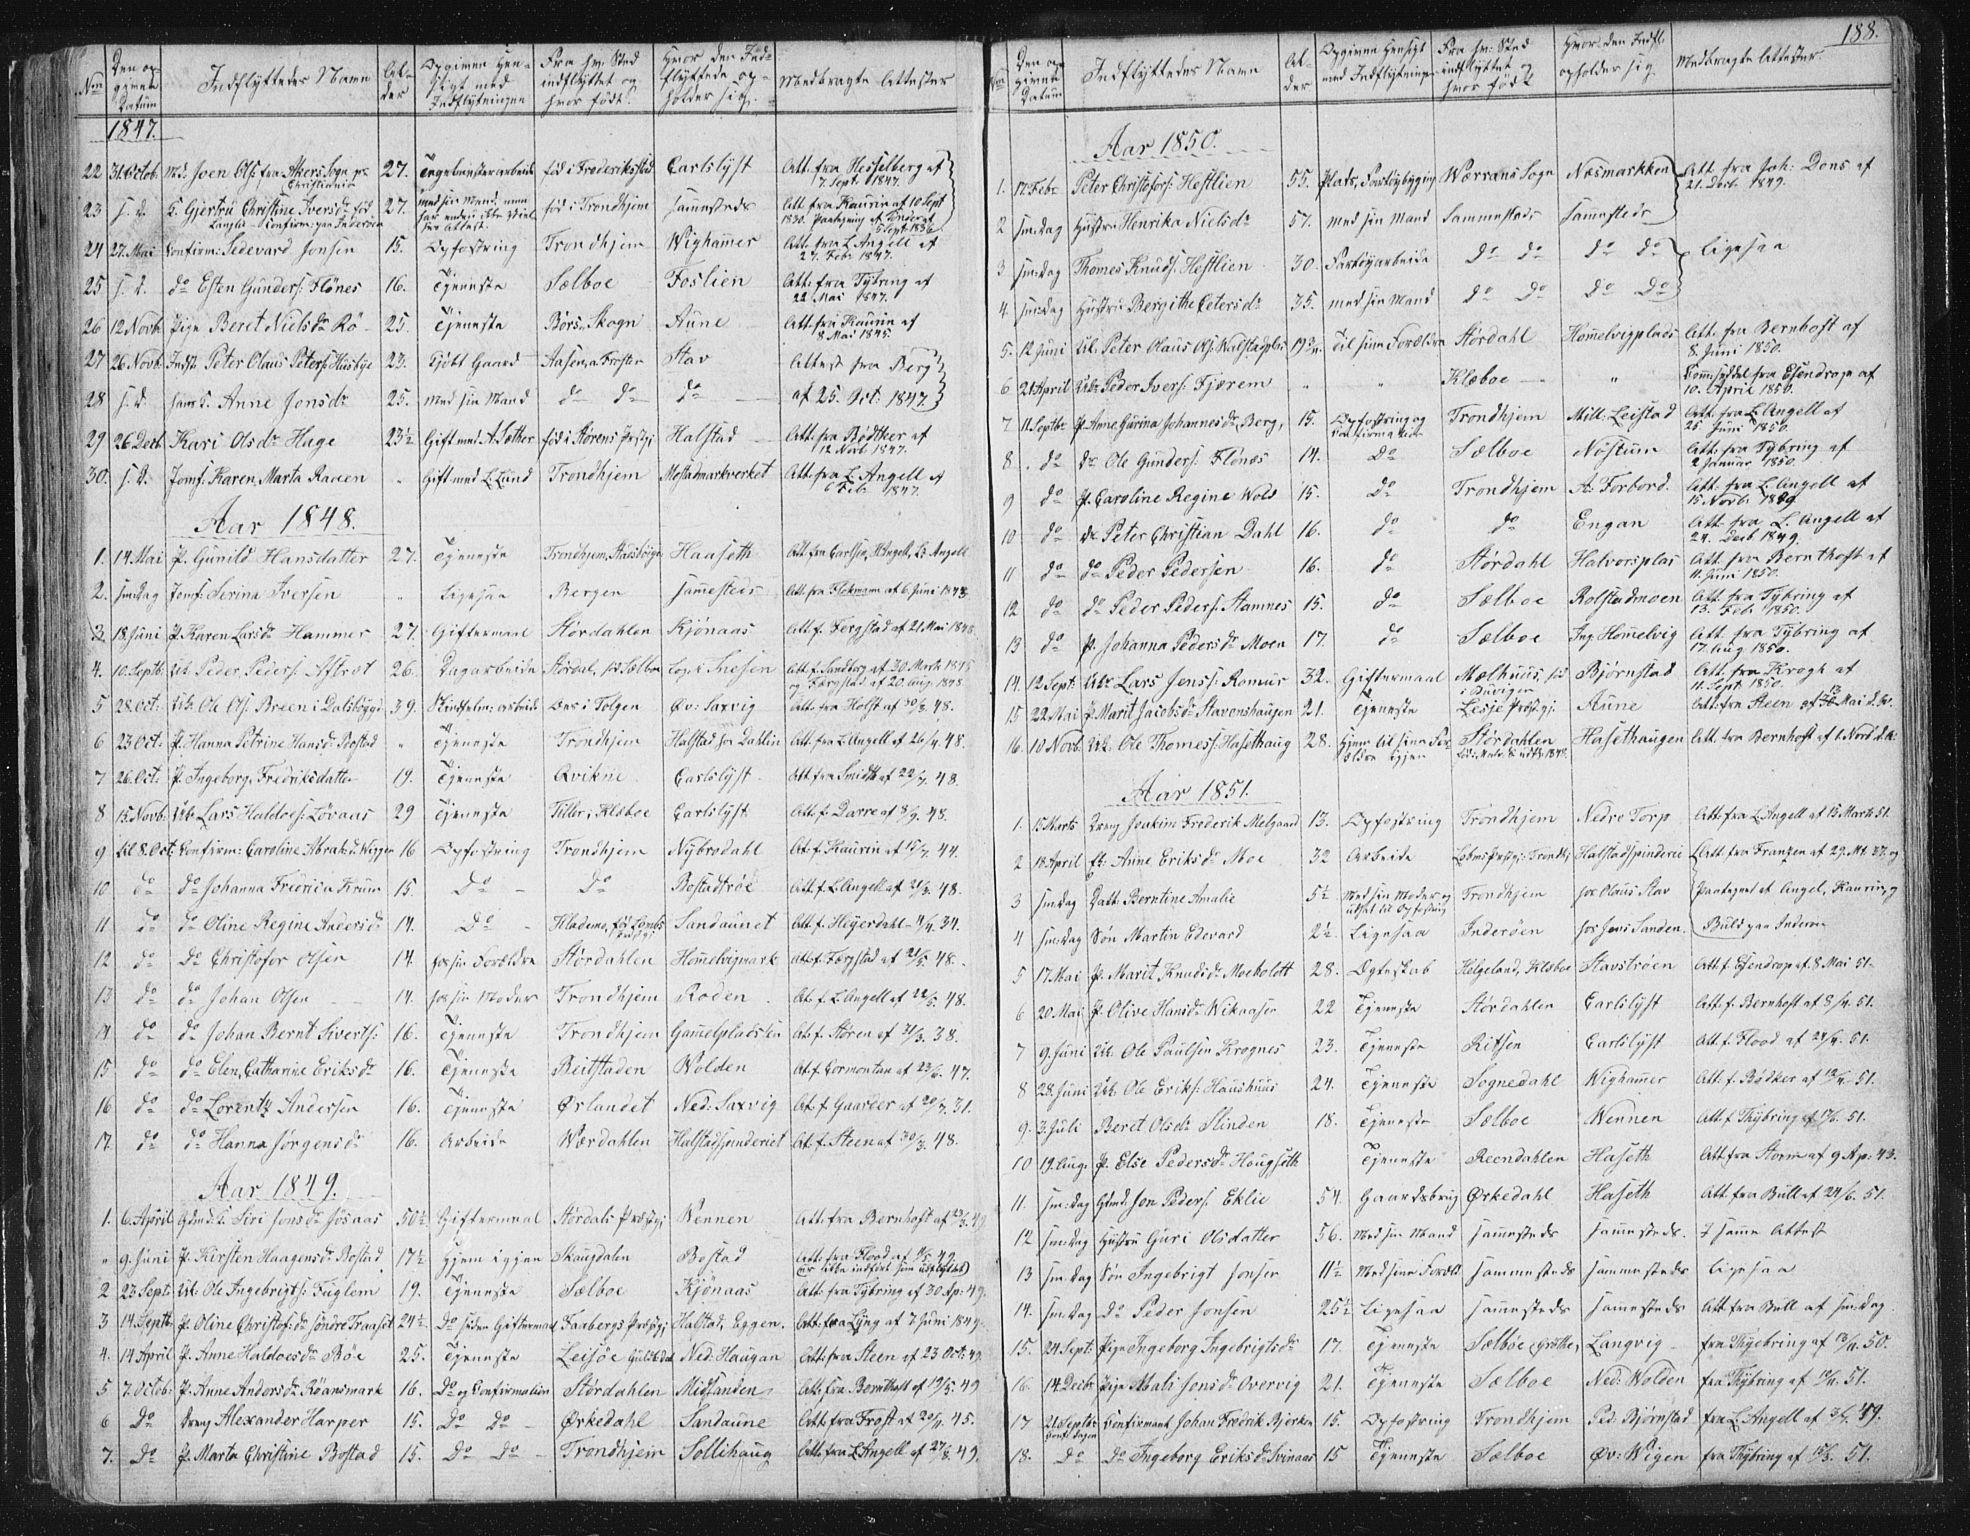 SAT, Ministerialprotokoller, klokkerbøker og fødselsregistre - Sør-Trøndelag, 616/L0406: Ministerialbok nr. 616A03, 1843-1879, s. 188